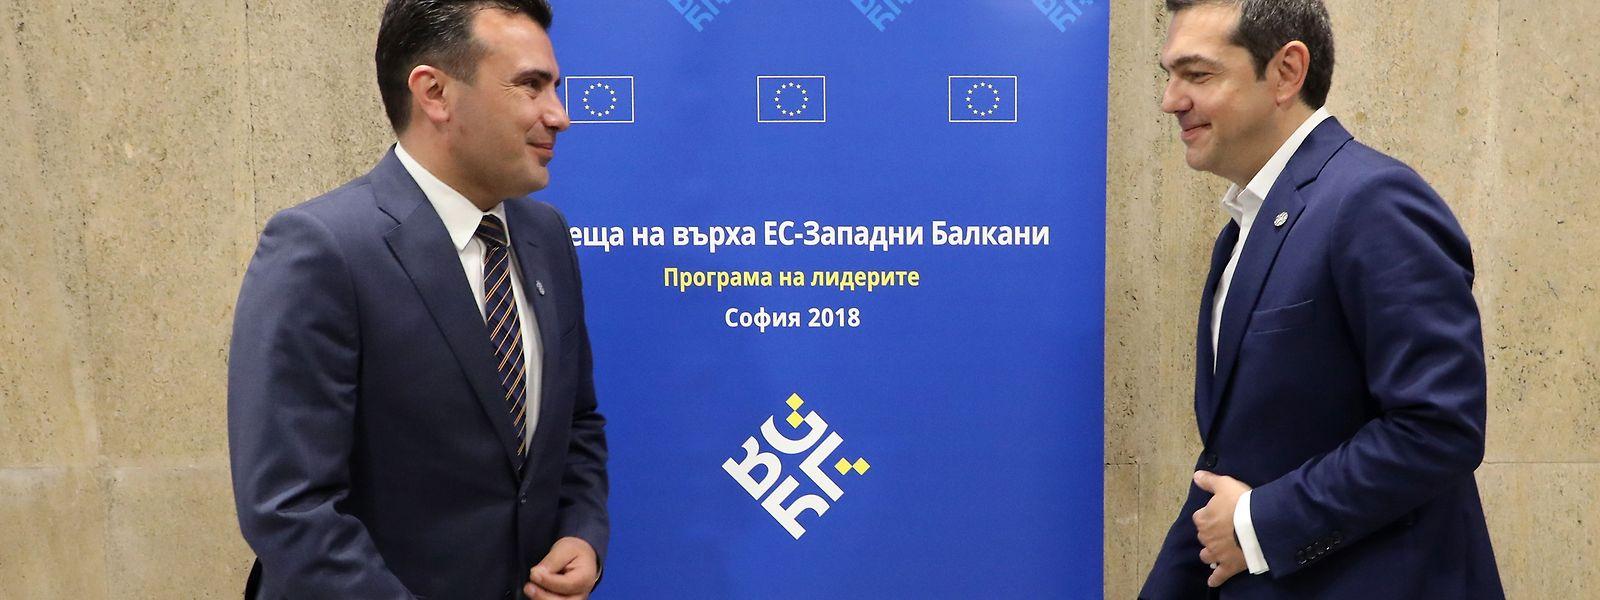 Zoran Zaev (Mazedonien) und Alexis Tsipras (Griechenland)